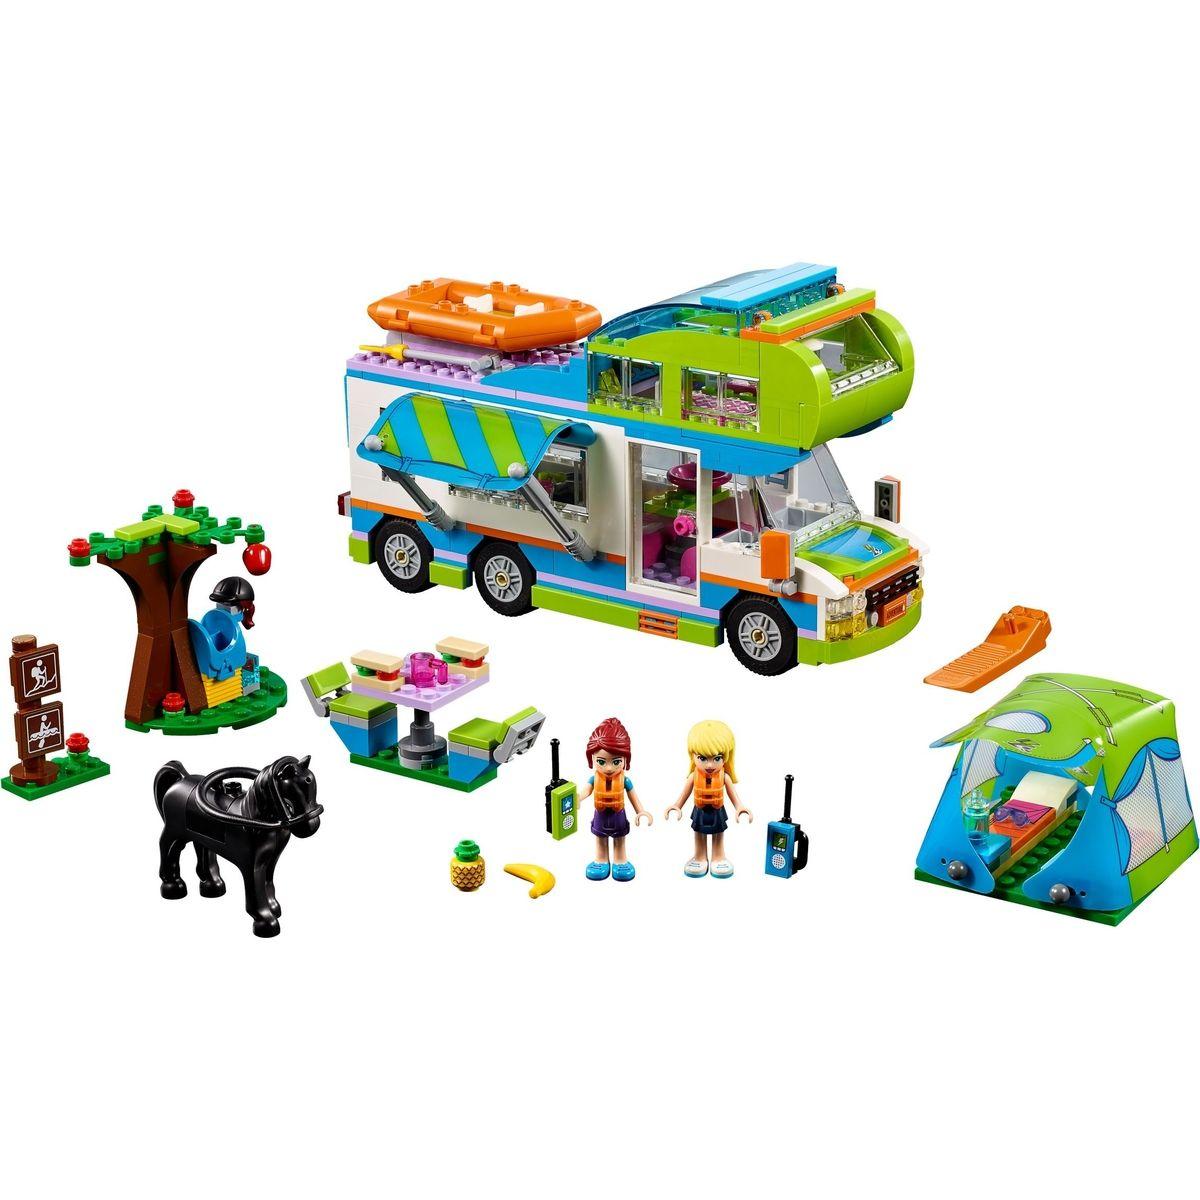 LEGO Friends 41339 Mia a její karavan - Poškozený obal